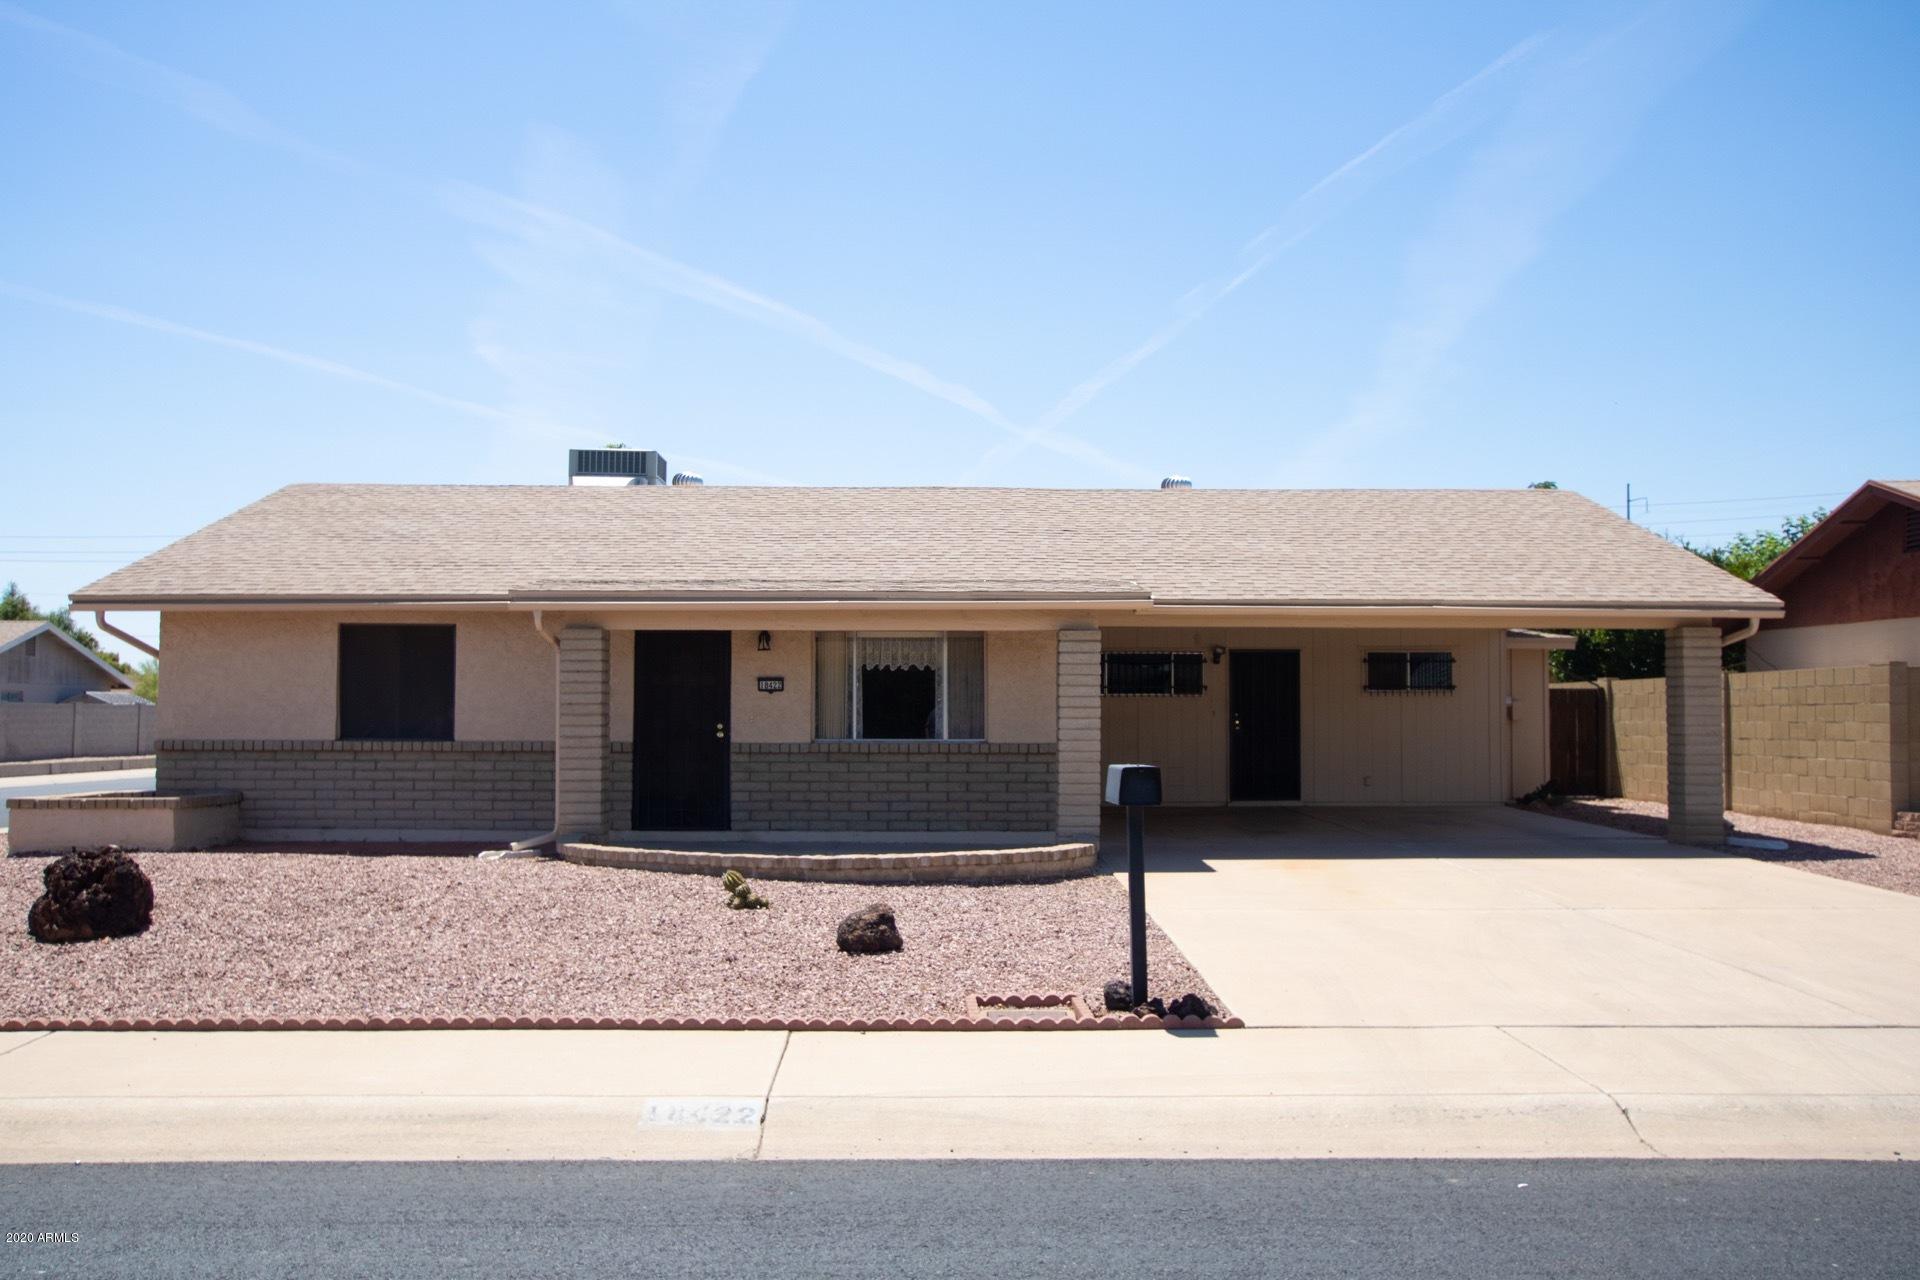 Photo of 18422 N 30TH Lane, Phoenix, AZ 85053